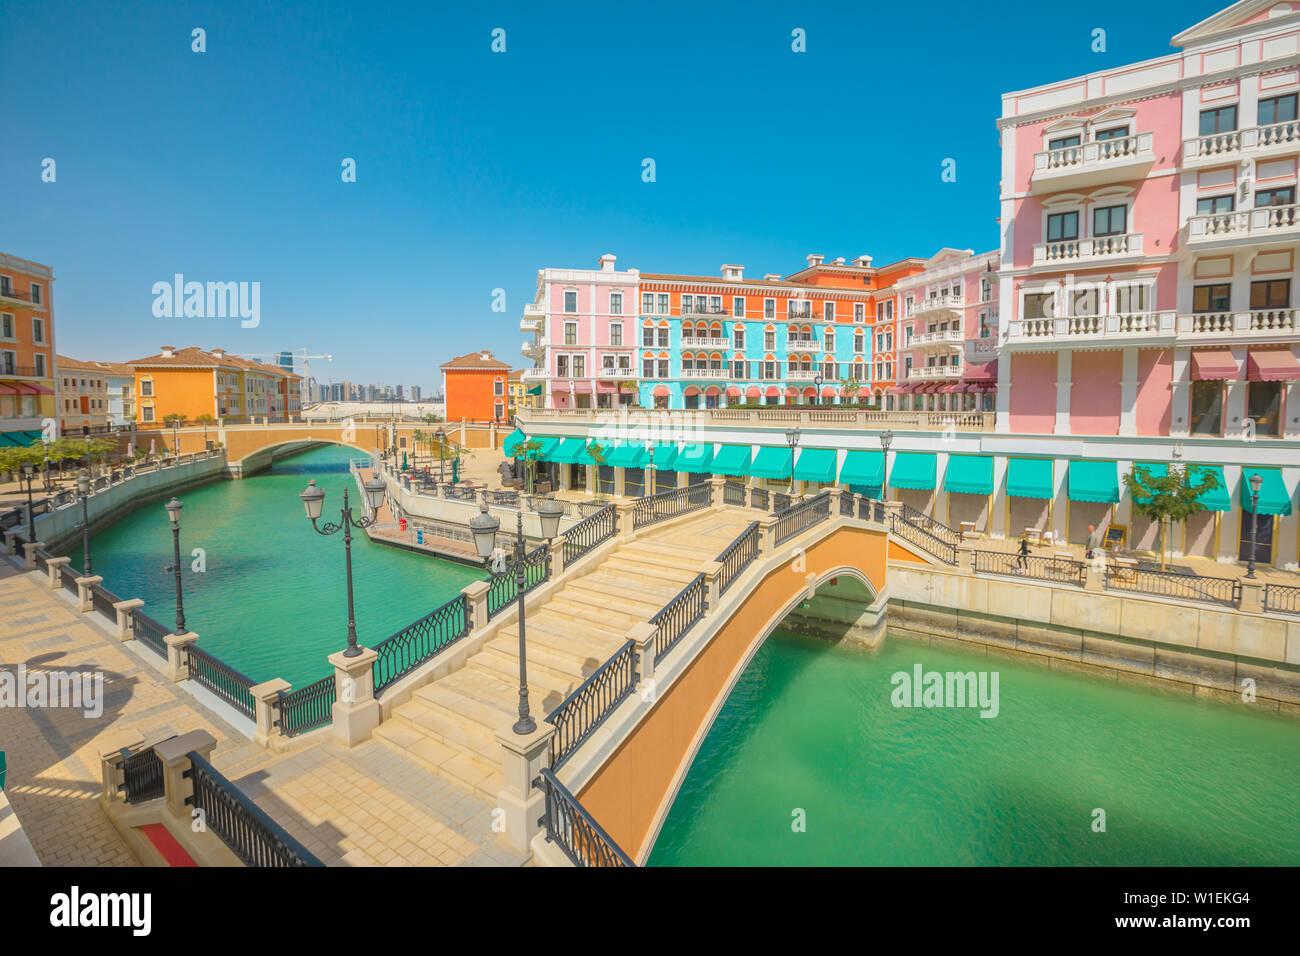 Deux ponts à Venise à Doha Qanat Quartier dans le Pearl-Qatar, le golfe Persique, Doha, Qatar, Moyen-Orient Banque D'Images